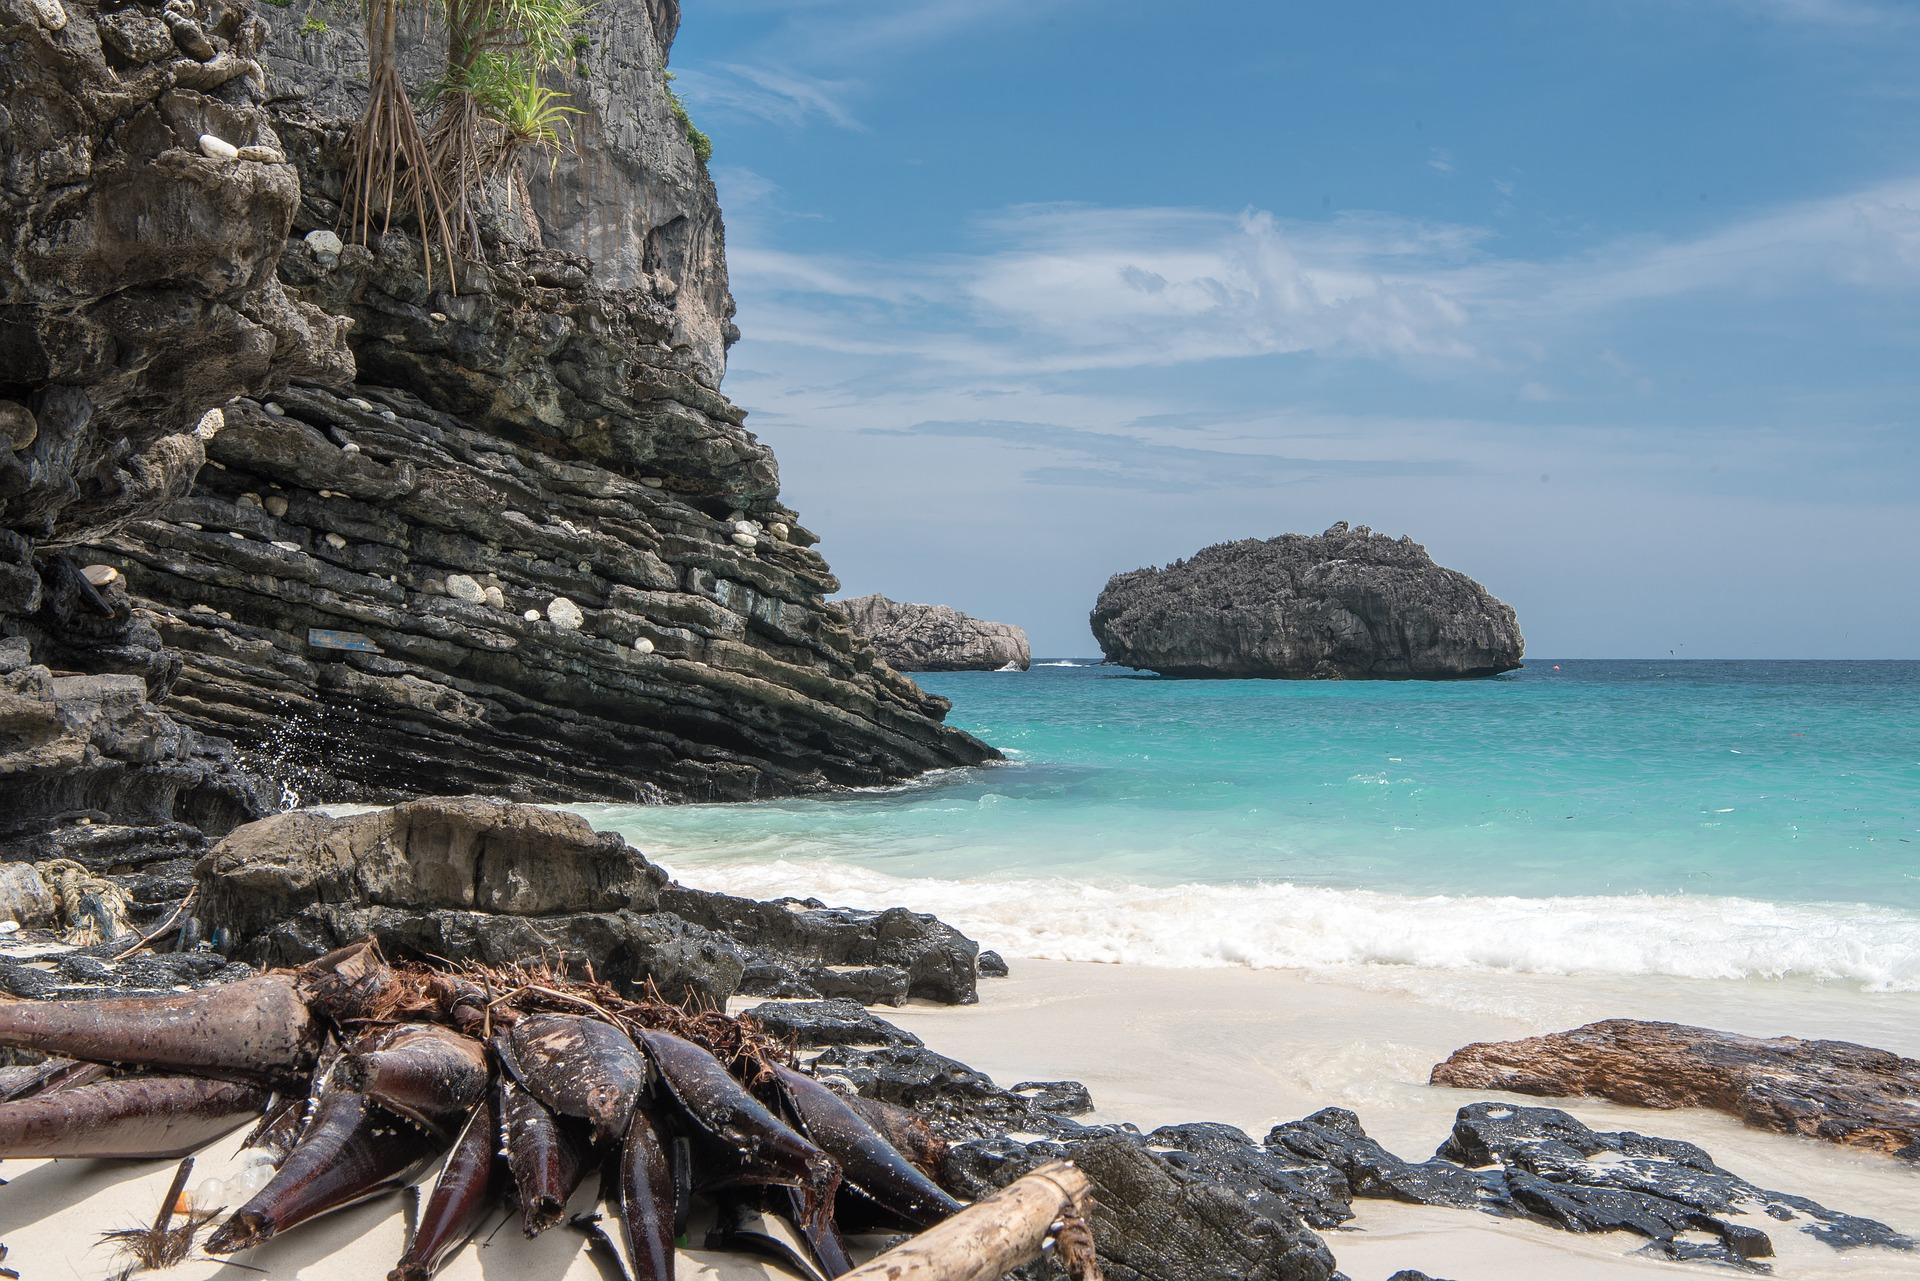 qué ver en Phuket Islas Phi Phi